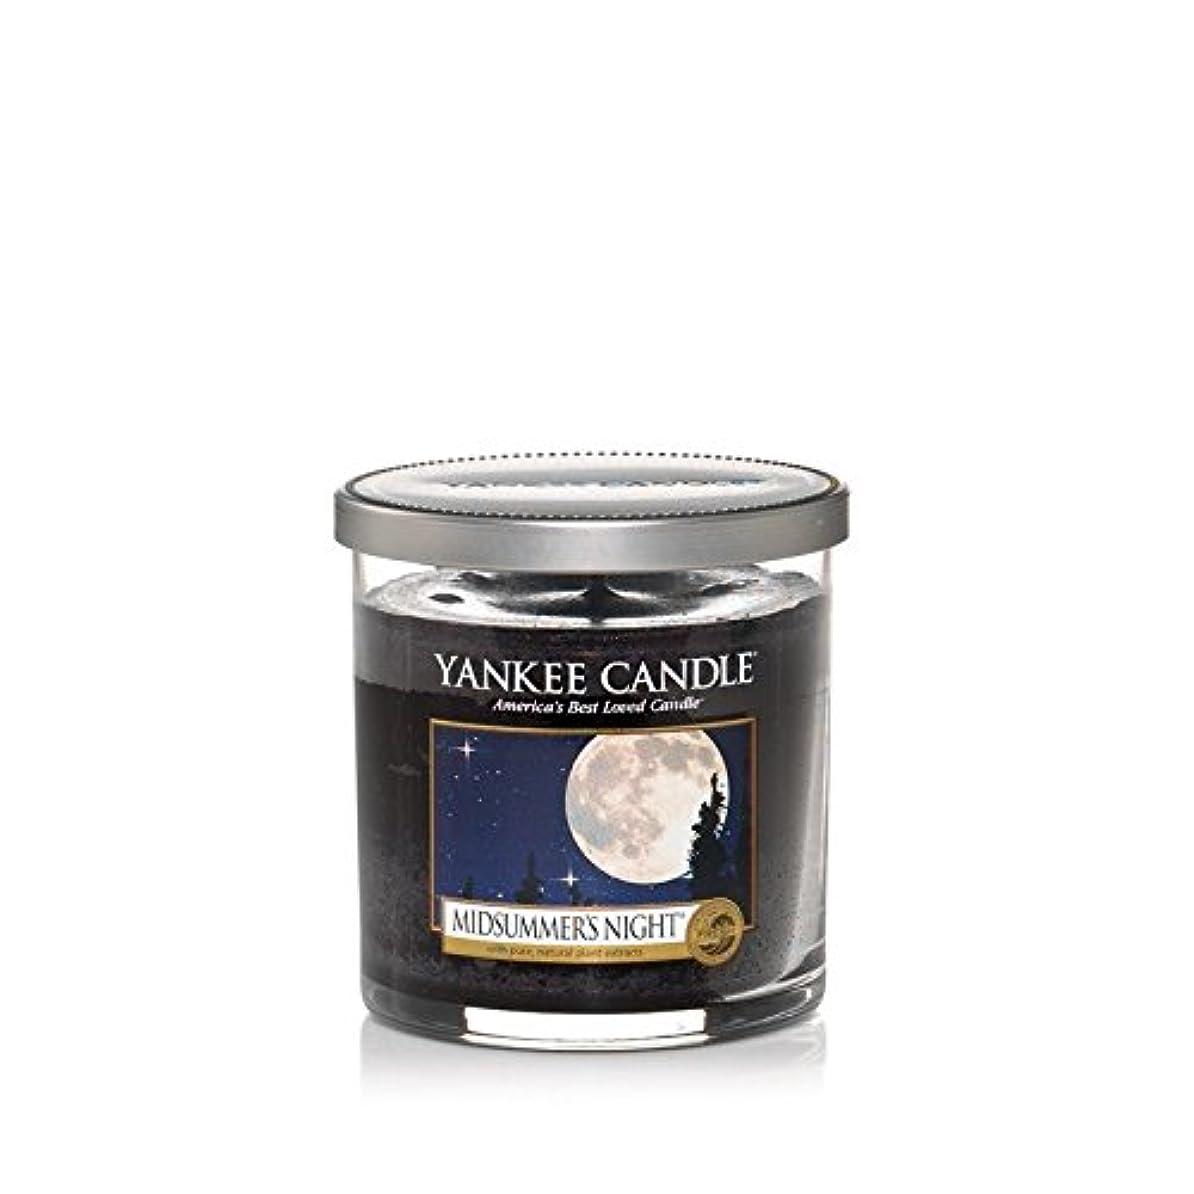 引退する悪意賛美歌Yankee Candles Small Pillar Candle - Midsummers Night (Pack of 2) - ヤンキーキャンドルの小さな柱キャンドル - Midsummers夜 (x2) [並行輸入品]